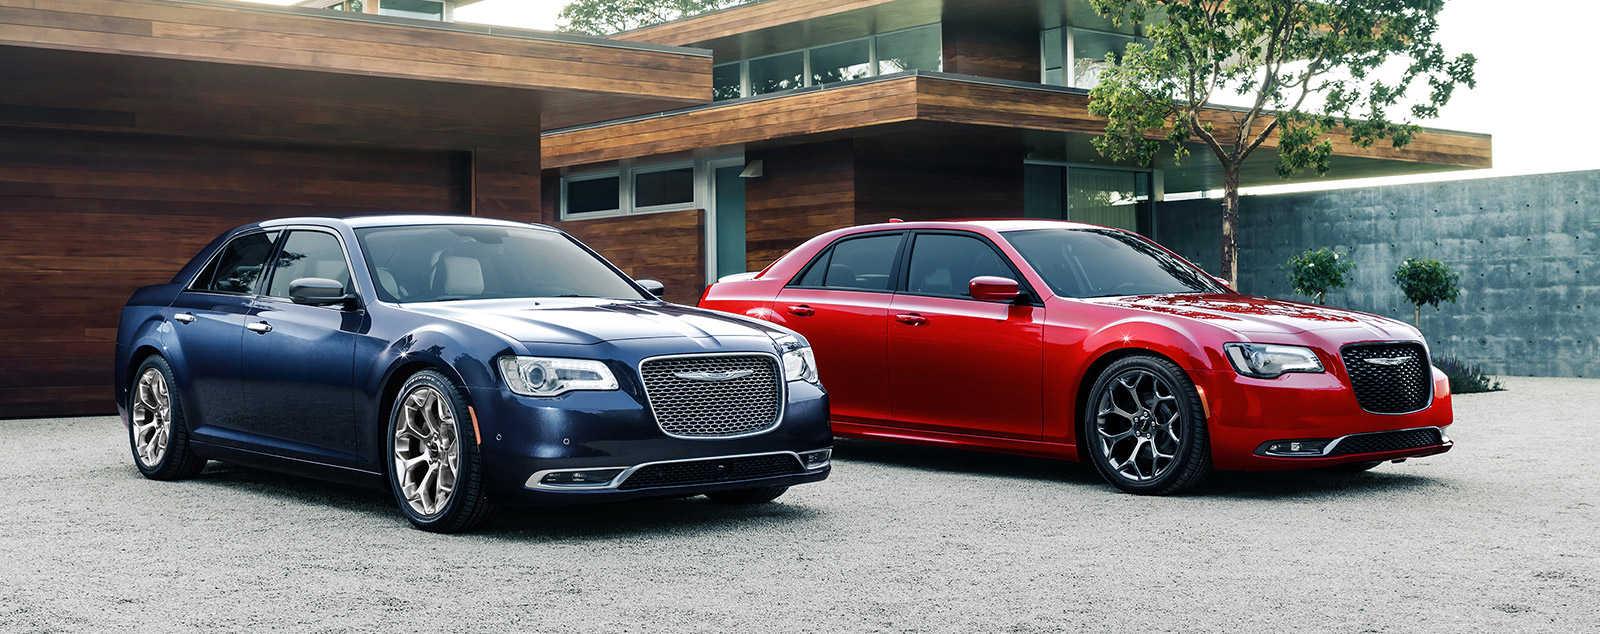 2016 Chrysler 300's parked